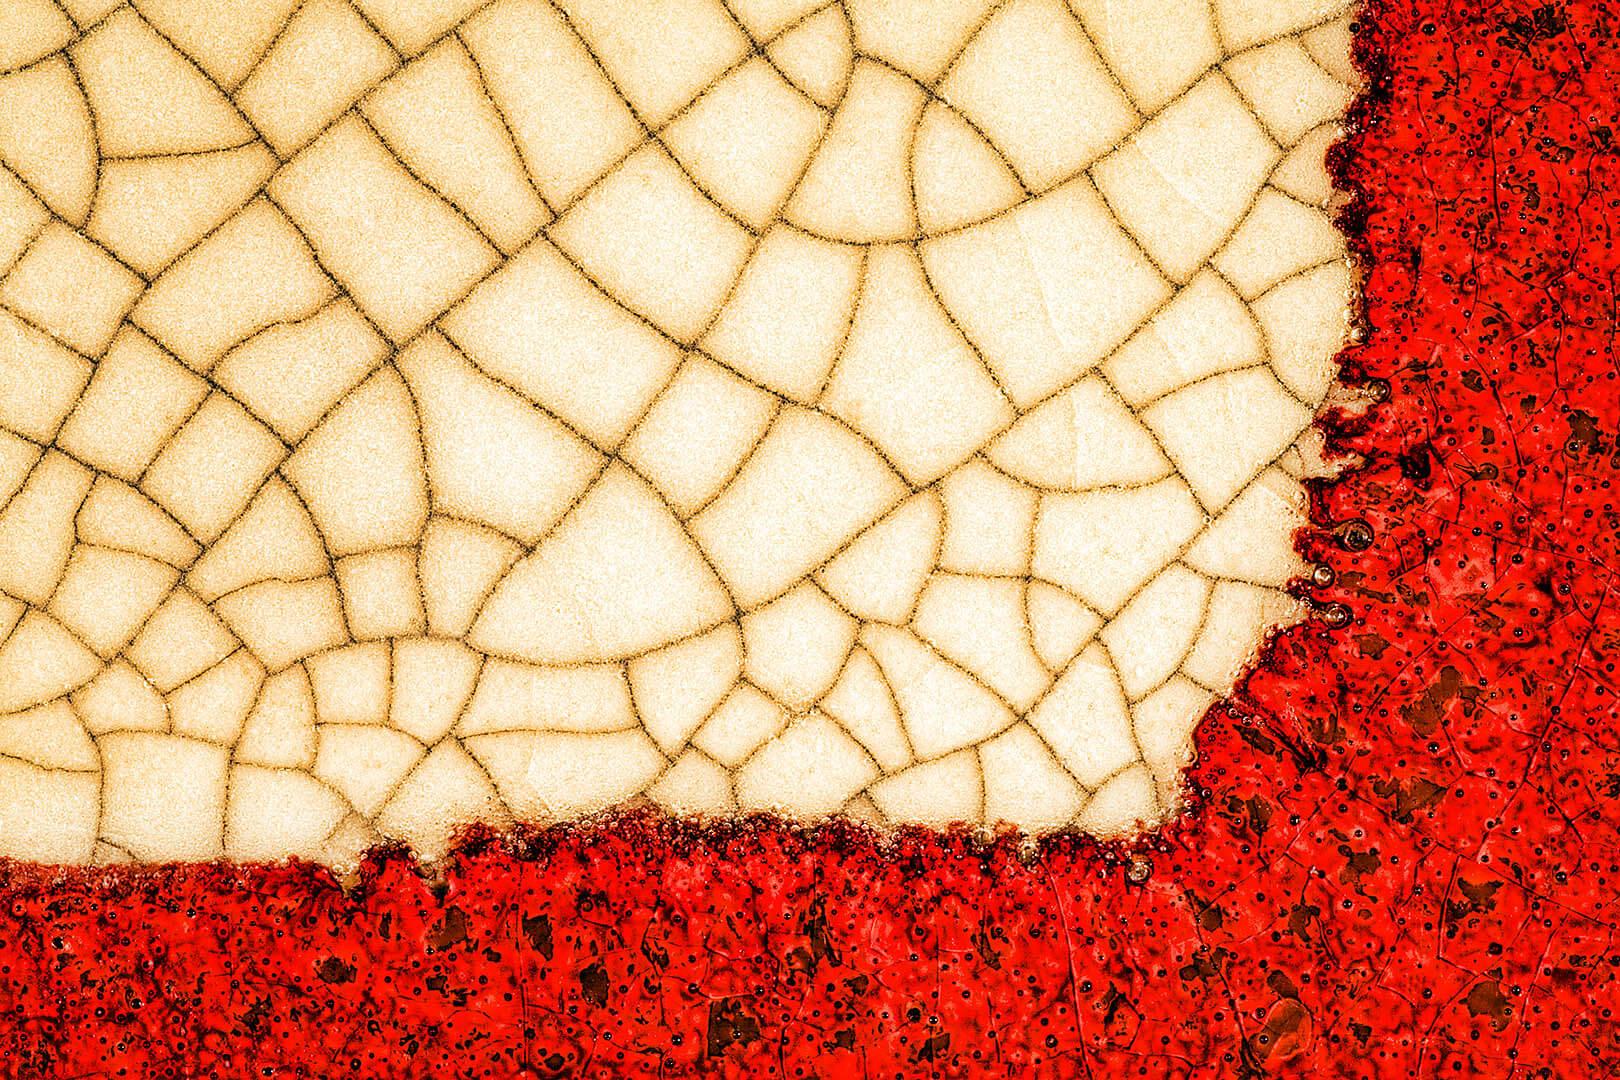 Tile Abstract II